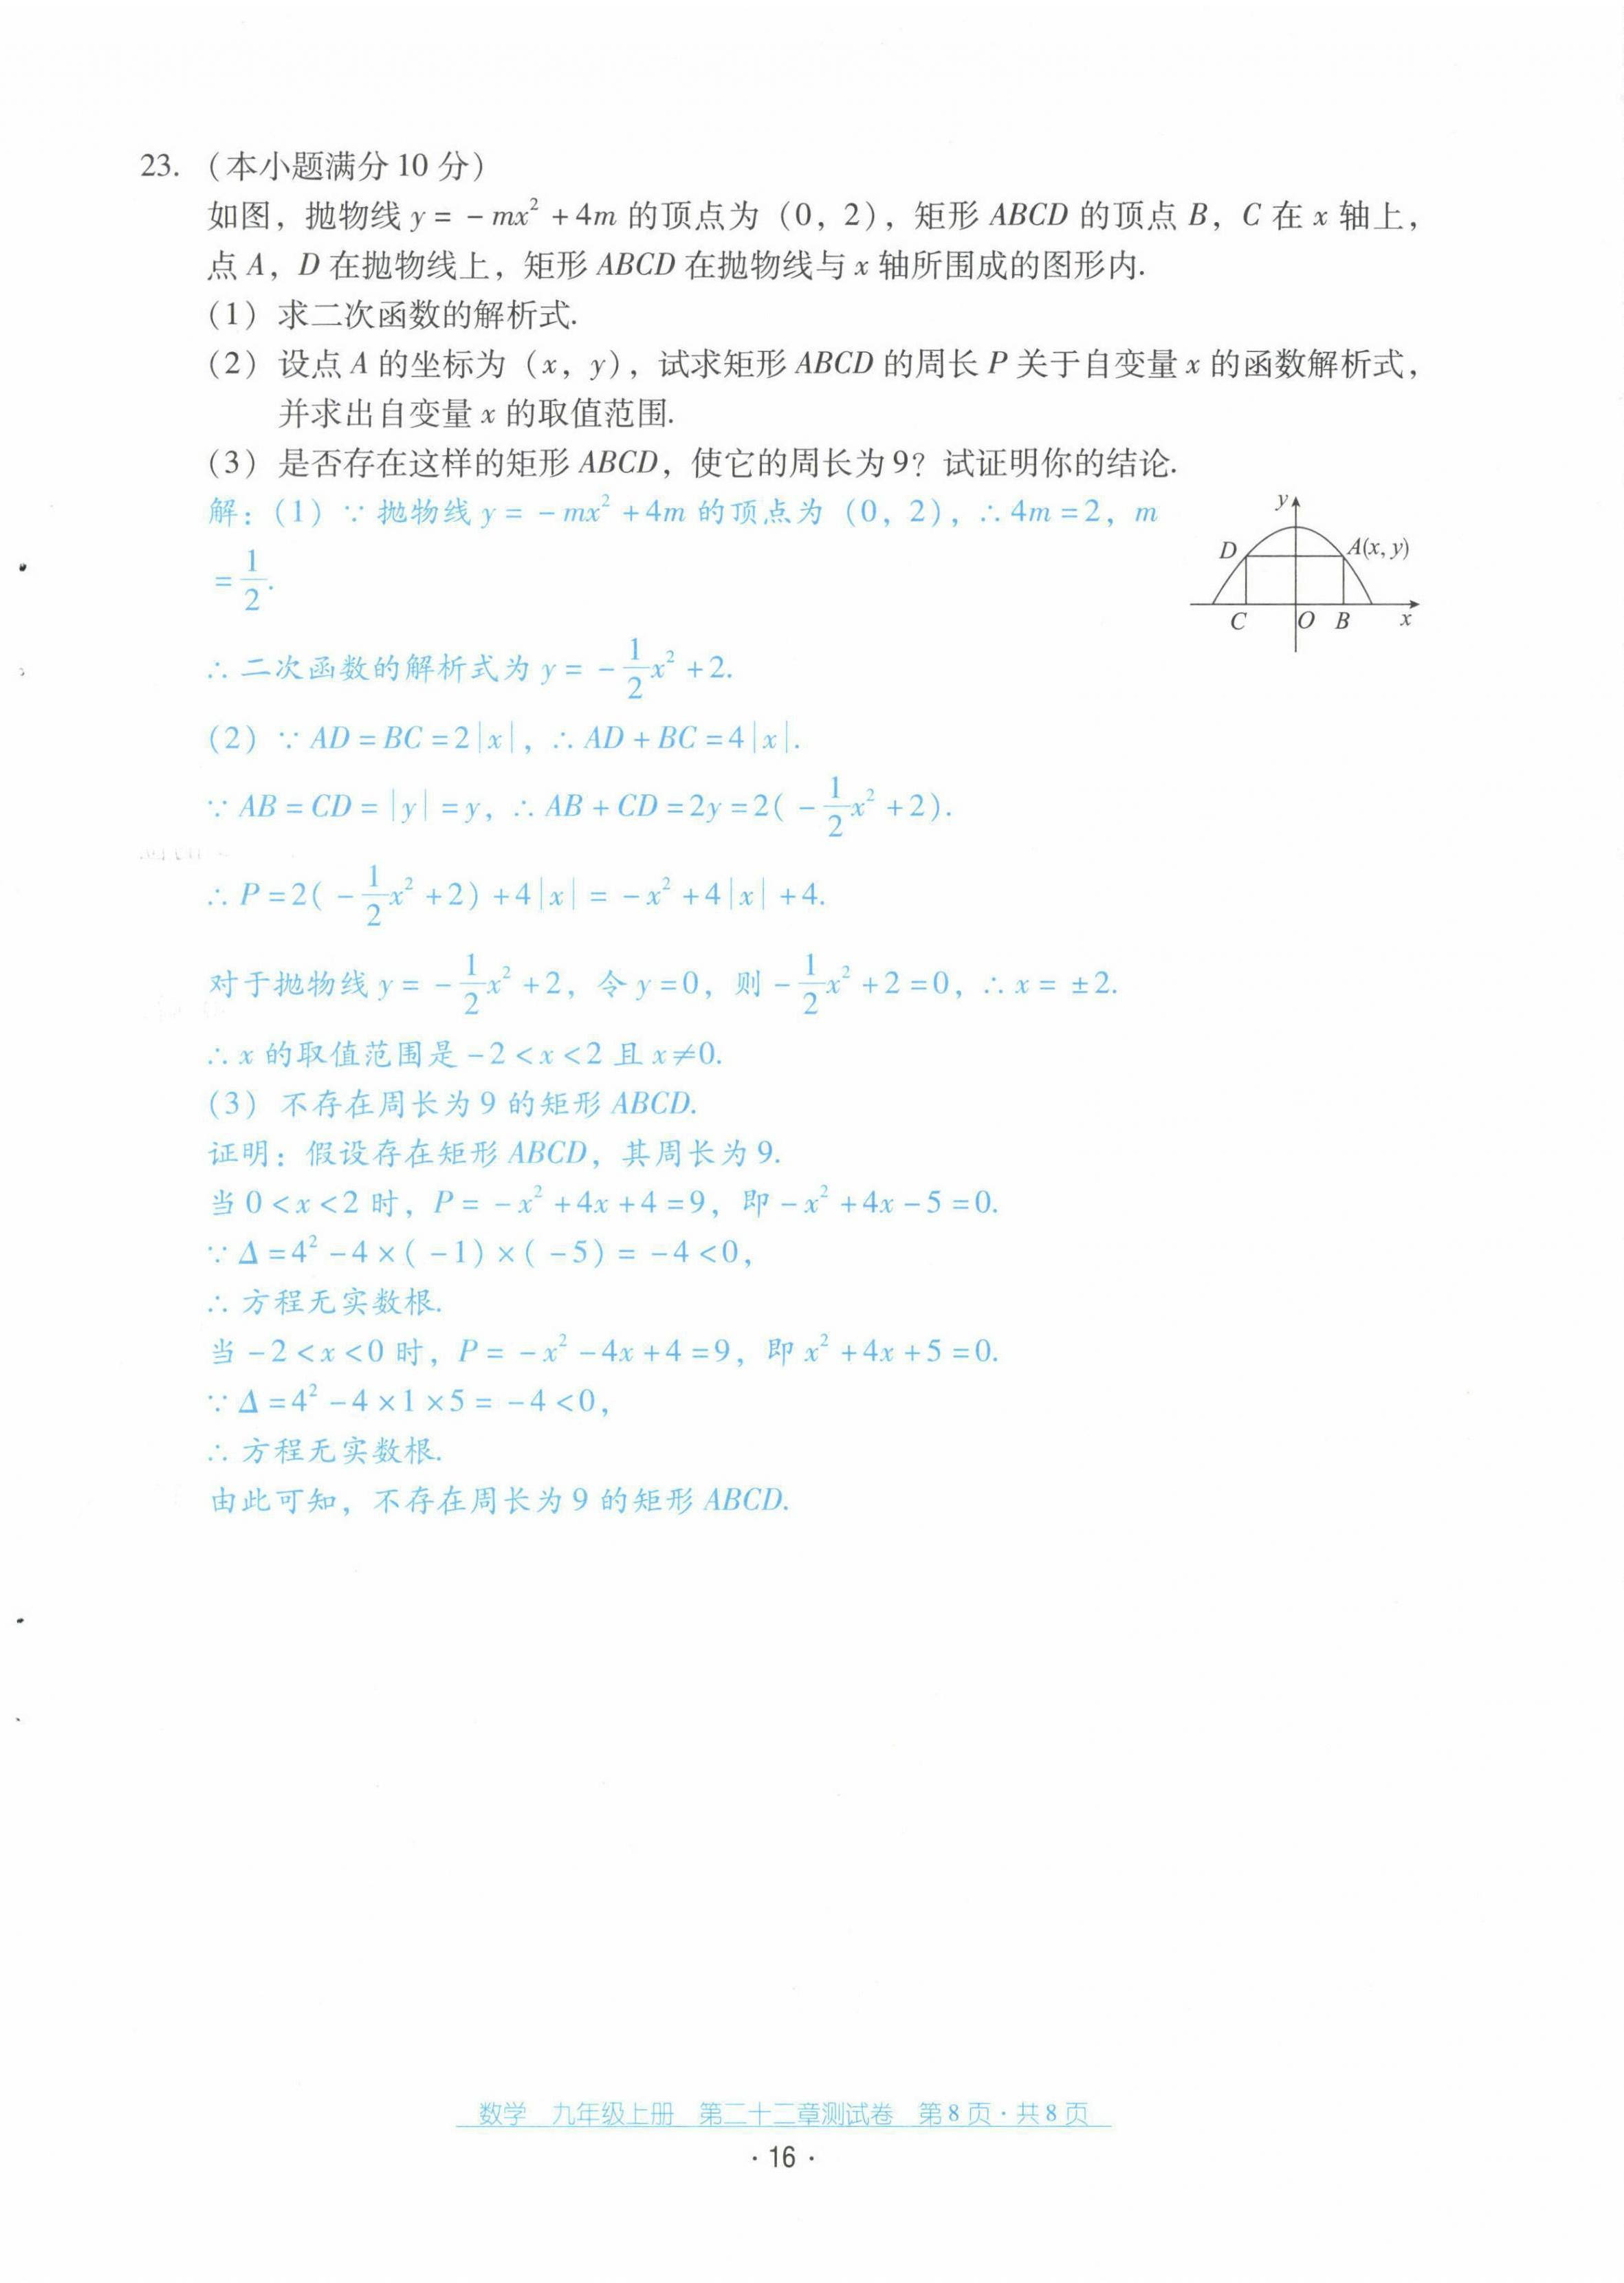 2021年云南省标准教辅优佳学案配套测试卷九年级数学上册人教版第16页